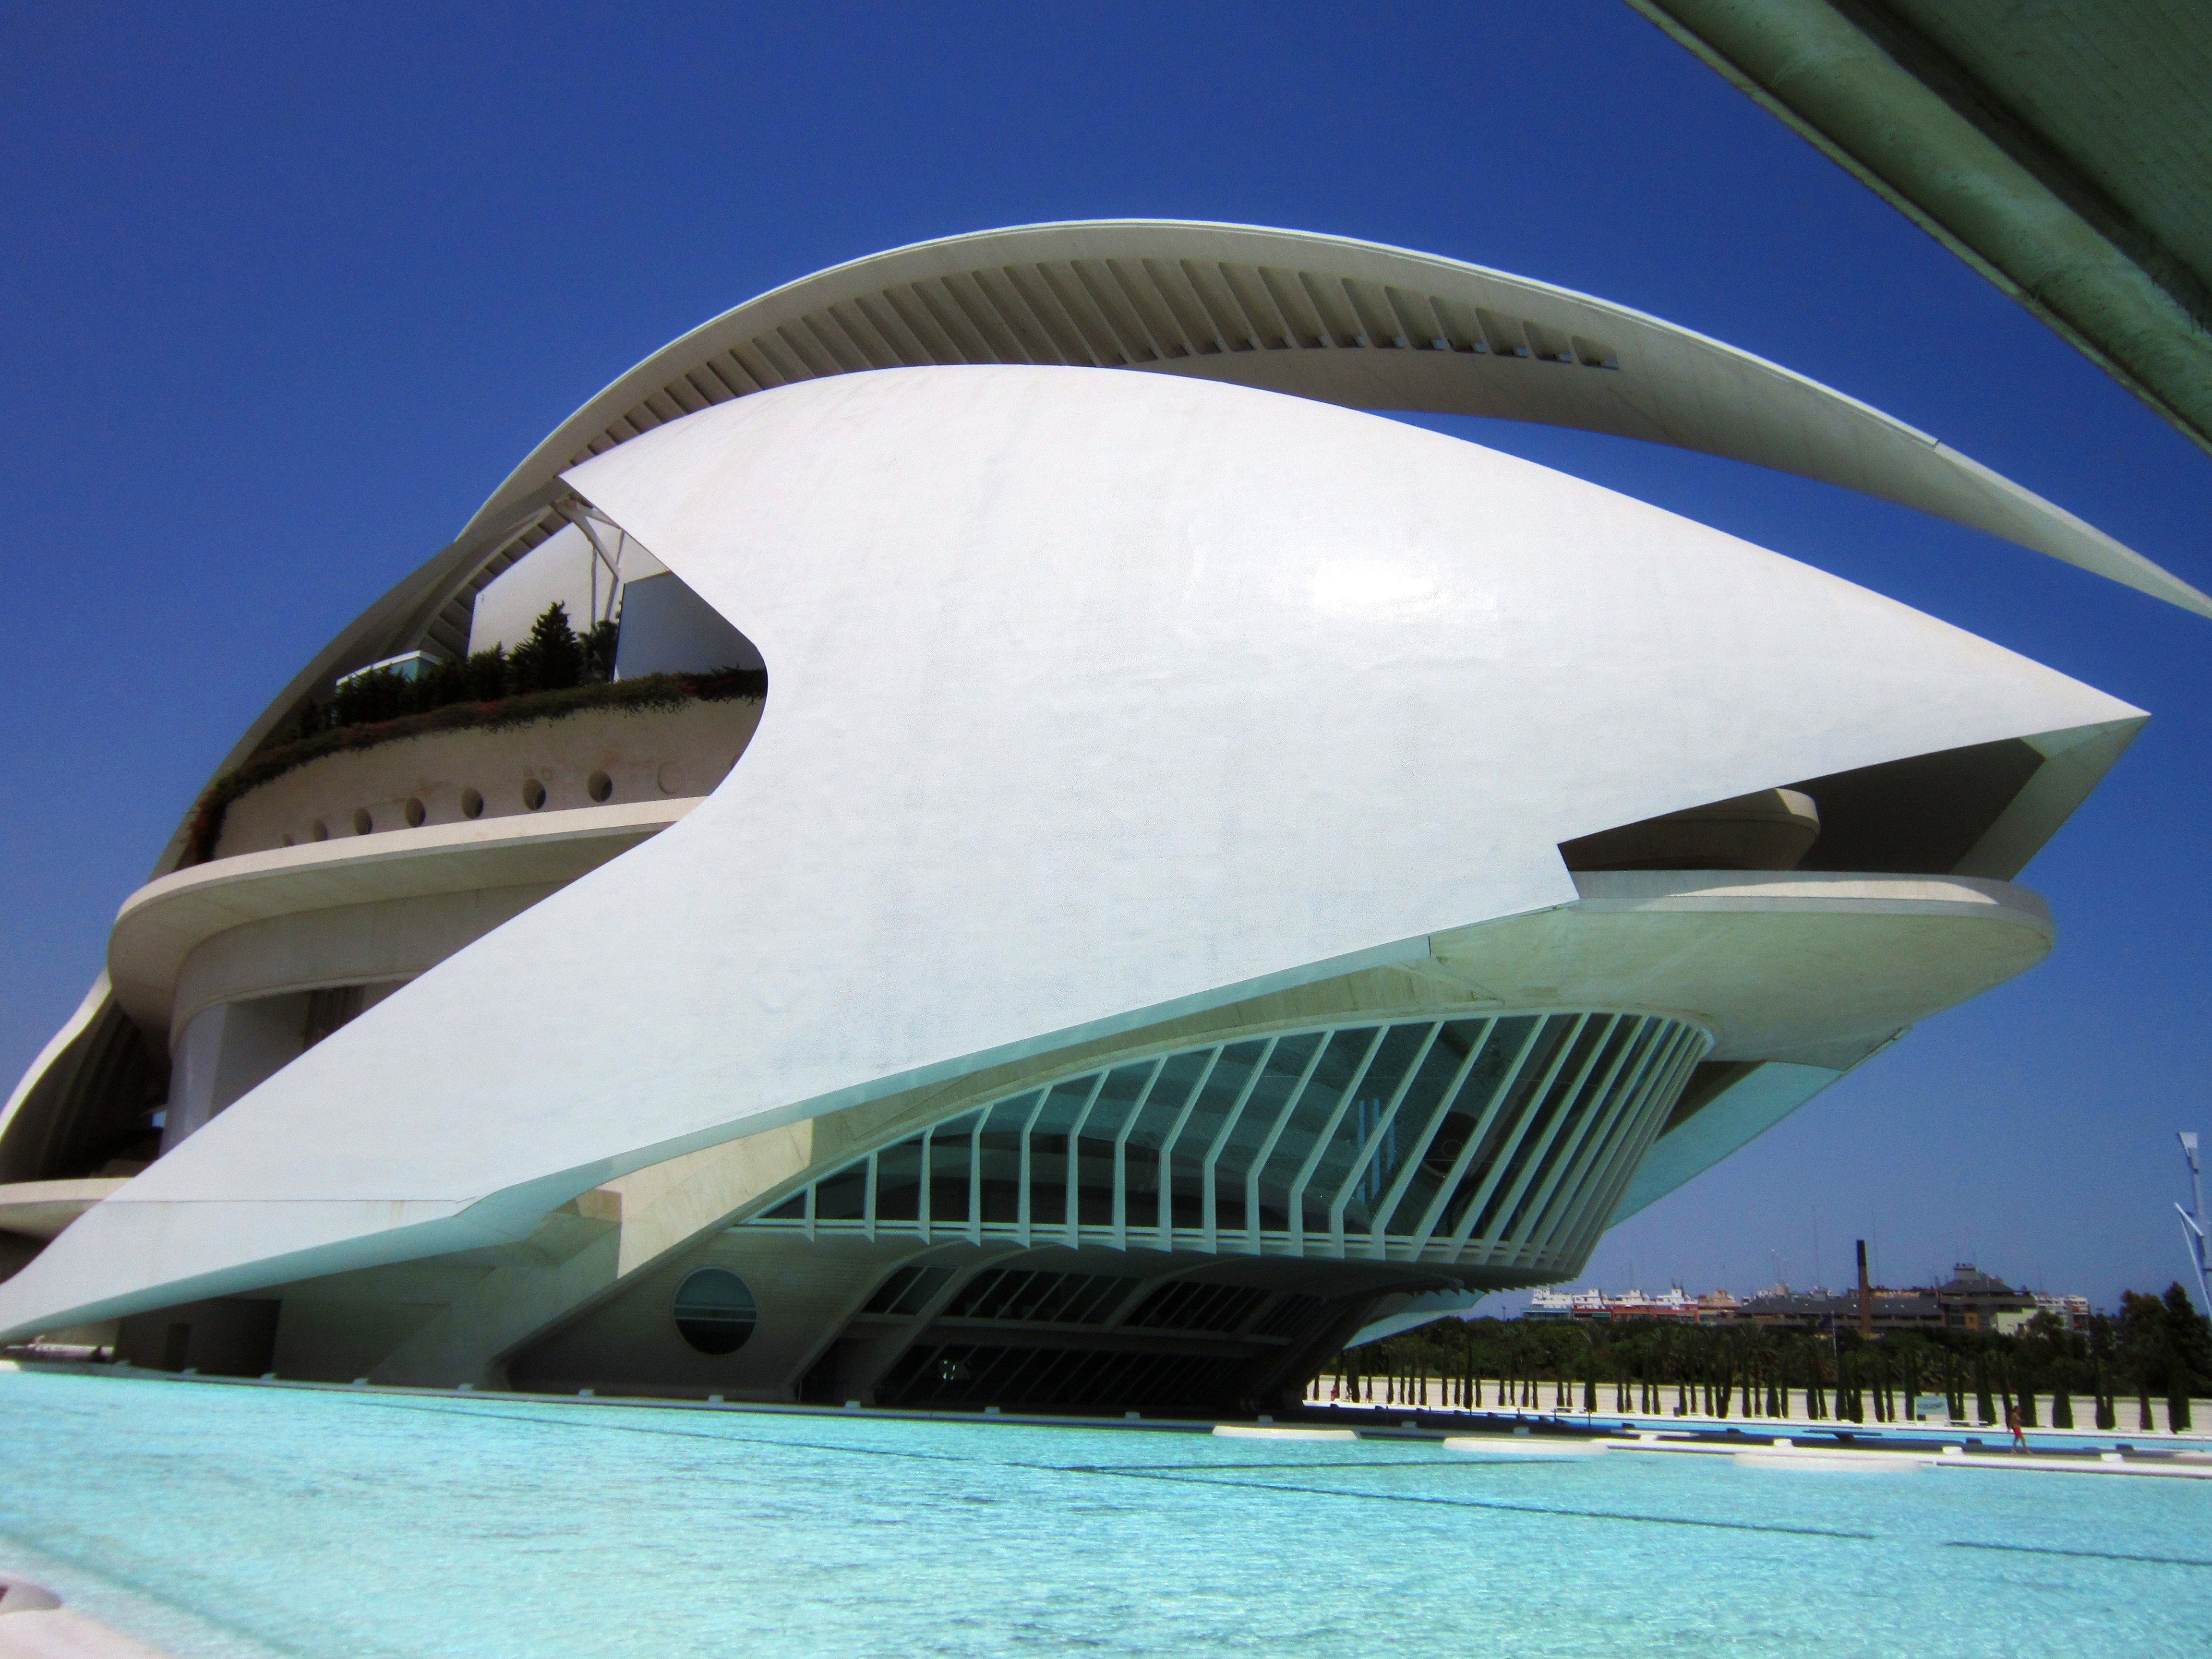 Оперный театр в форме огромного шлема конкистадора